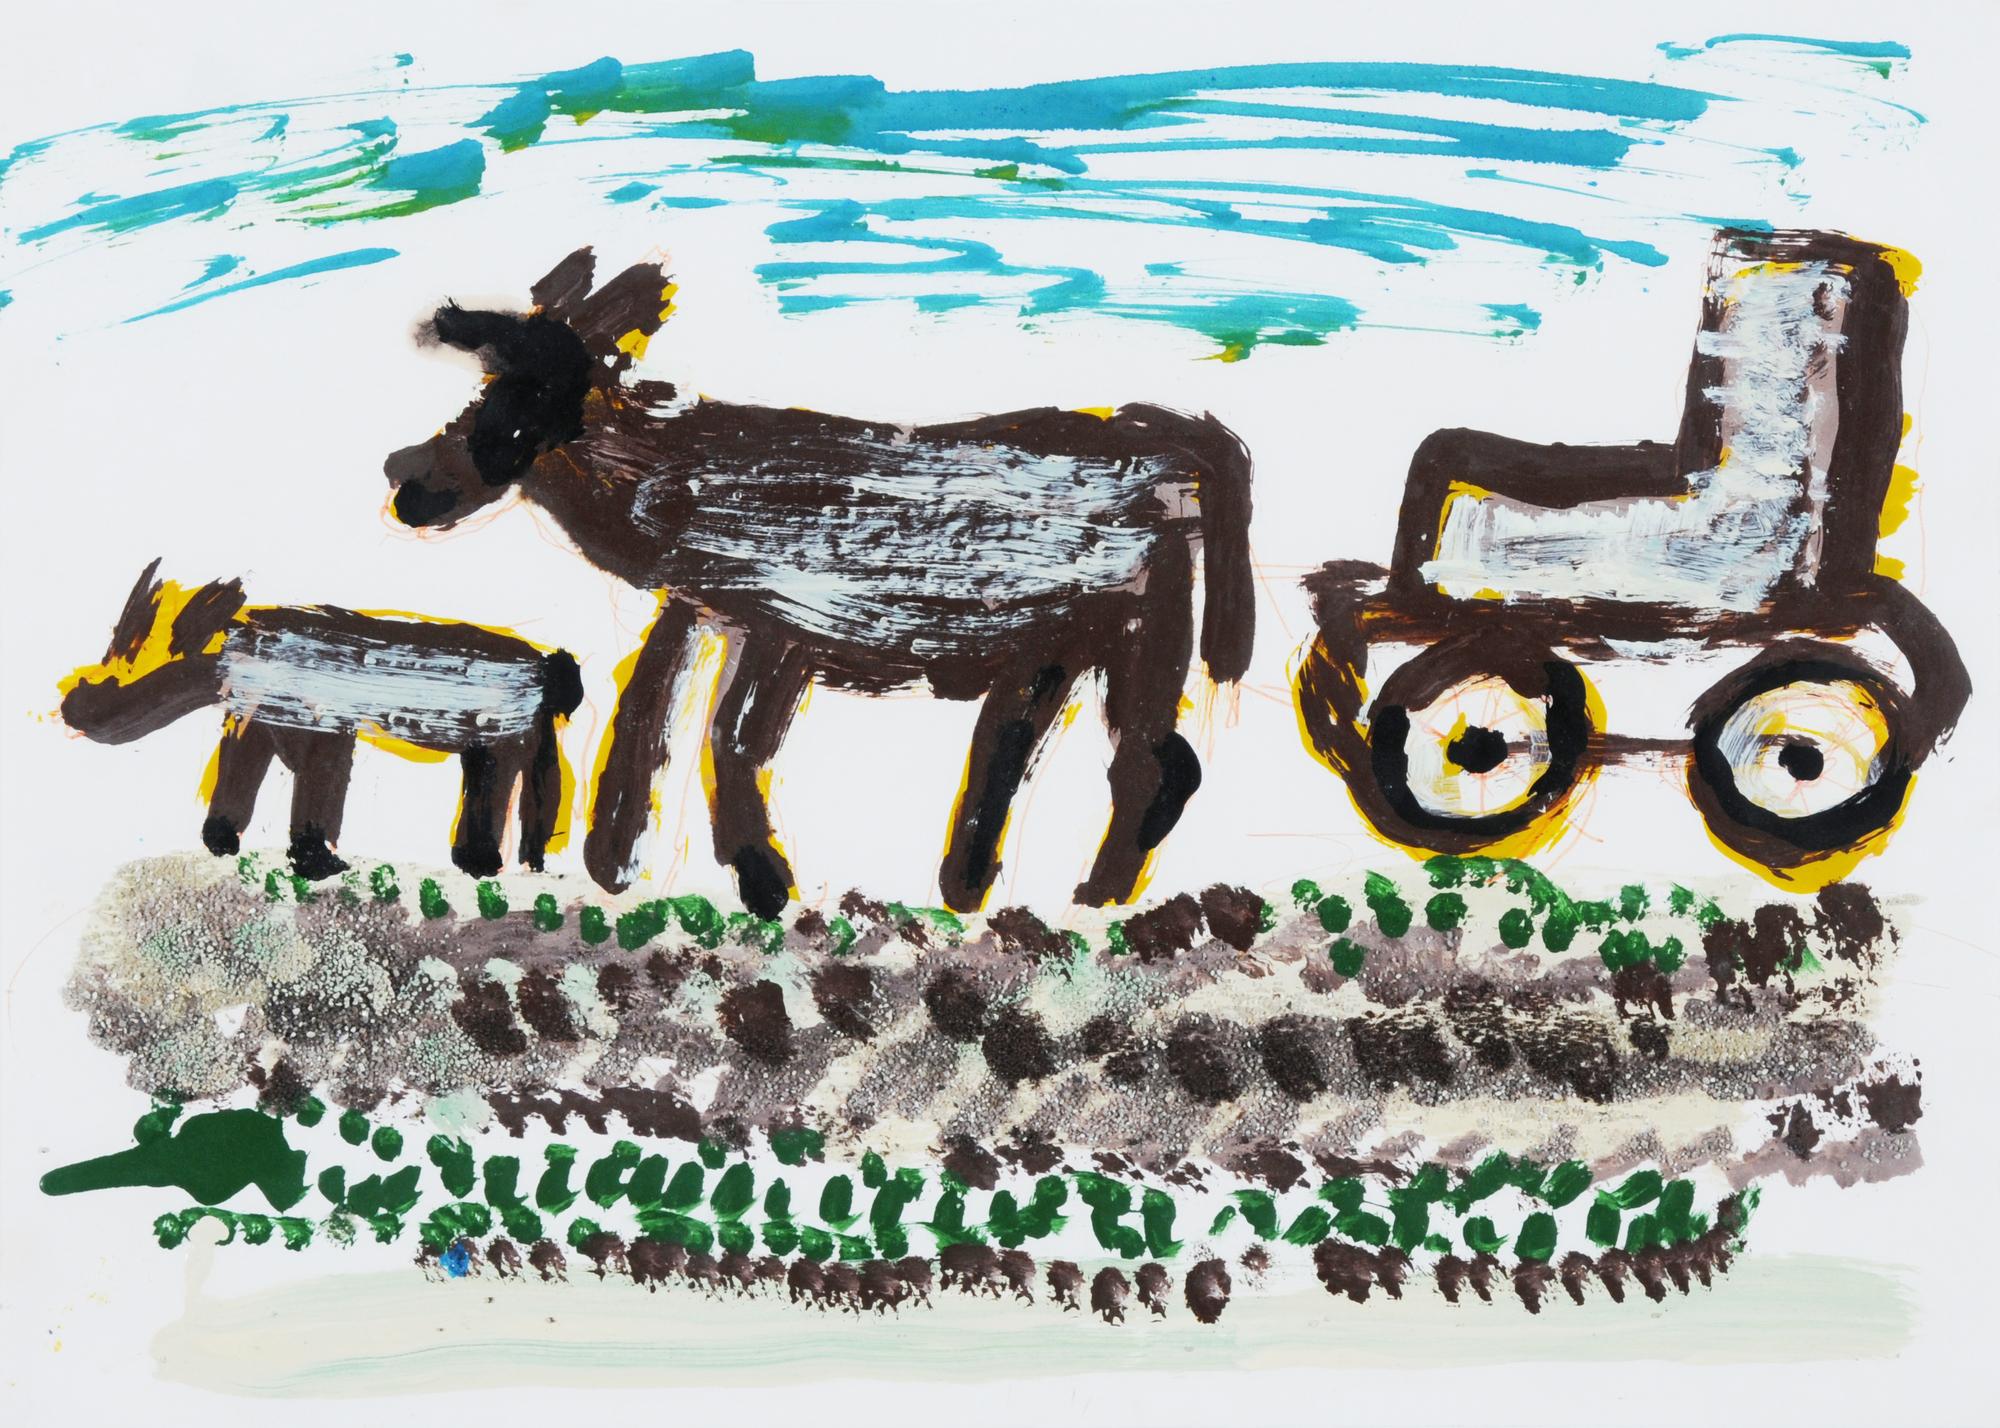 Krüsi Hans, Kühe und Traktor (Cows and Tractor)